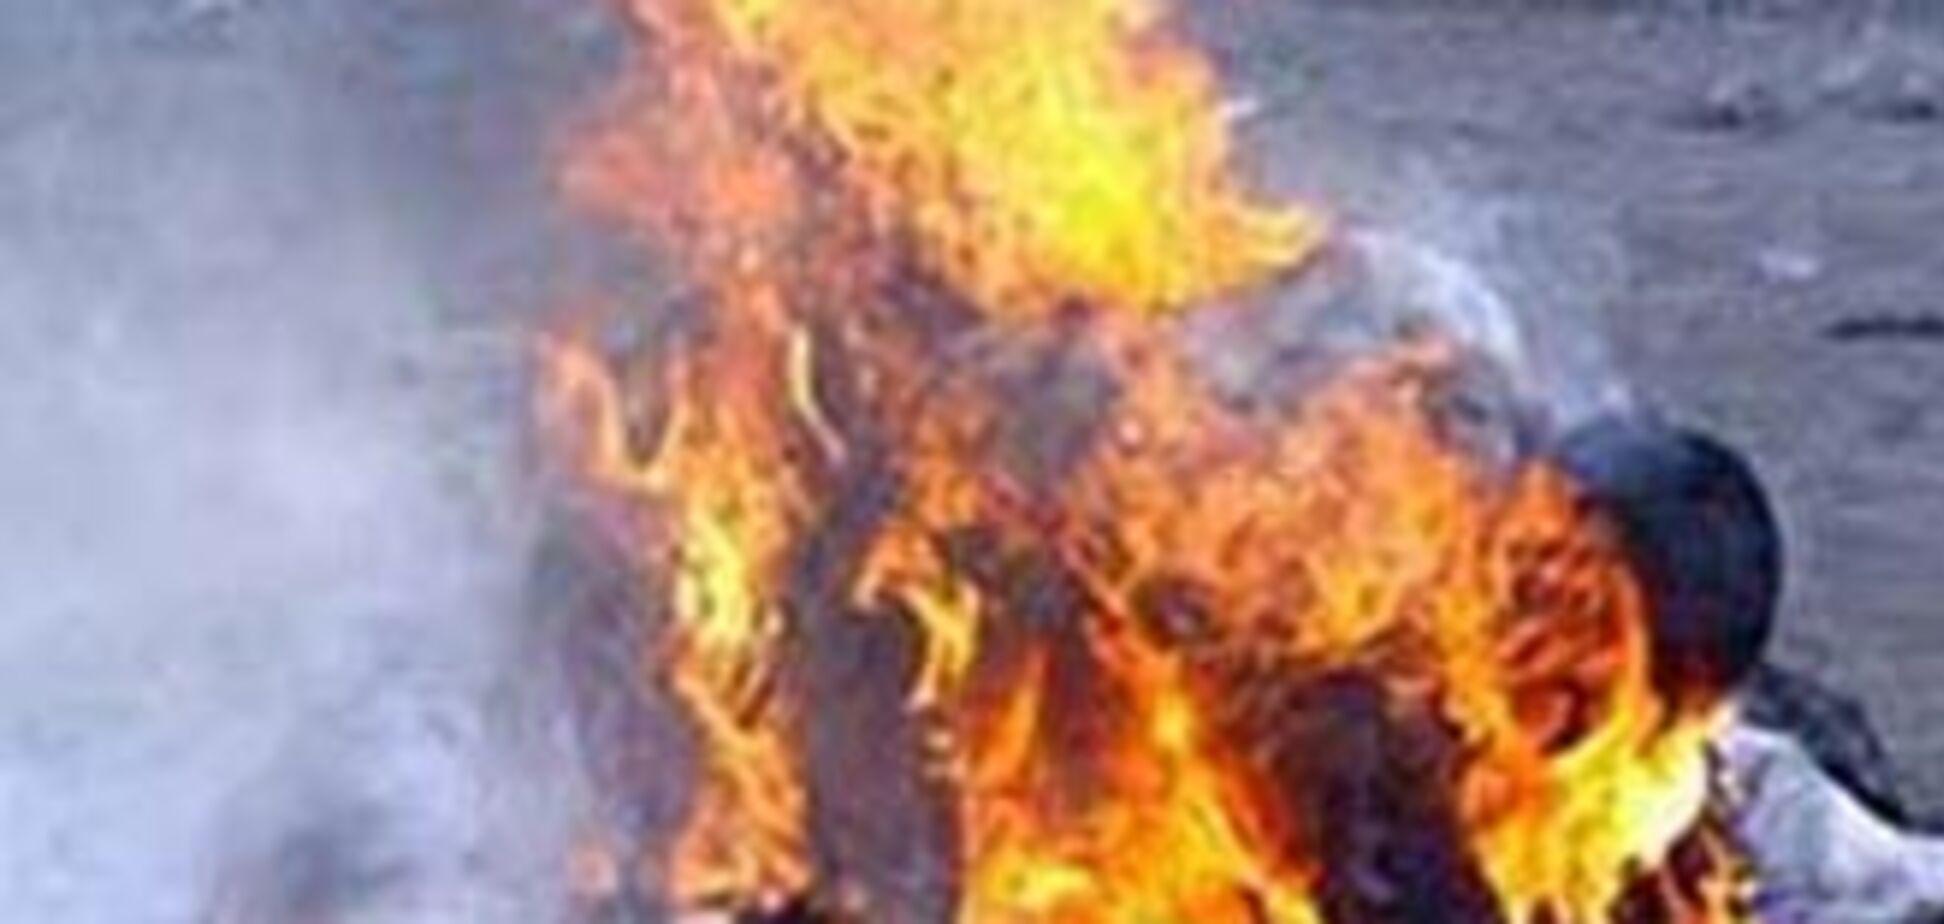 Пенсіонер спалив себе перед мерією: охорона зняла все на камеру